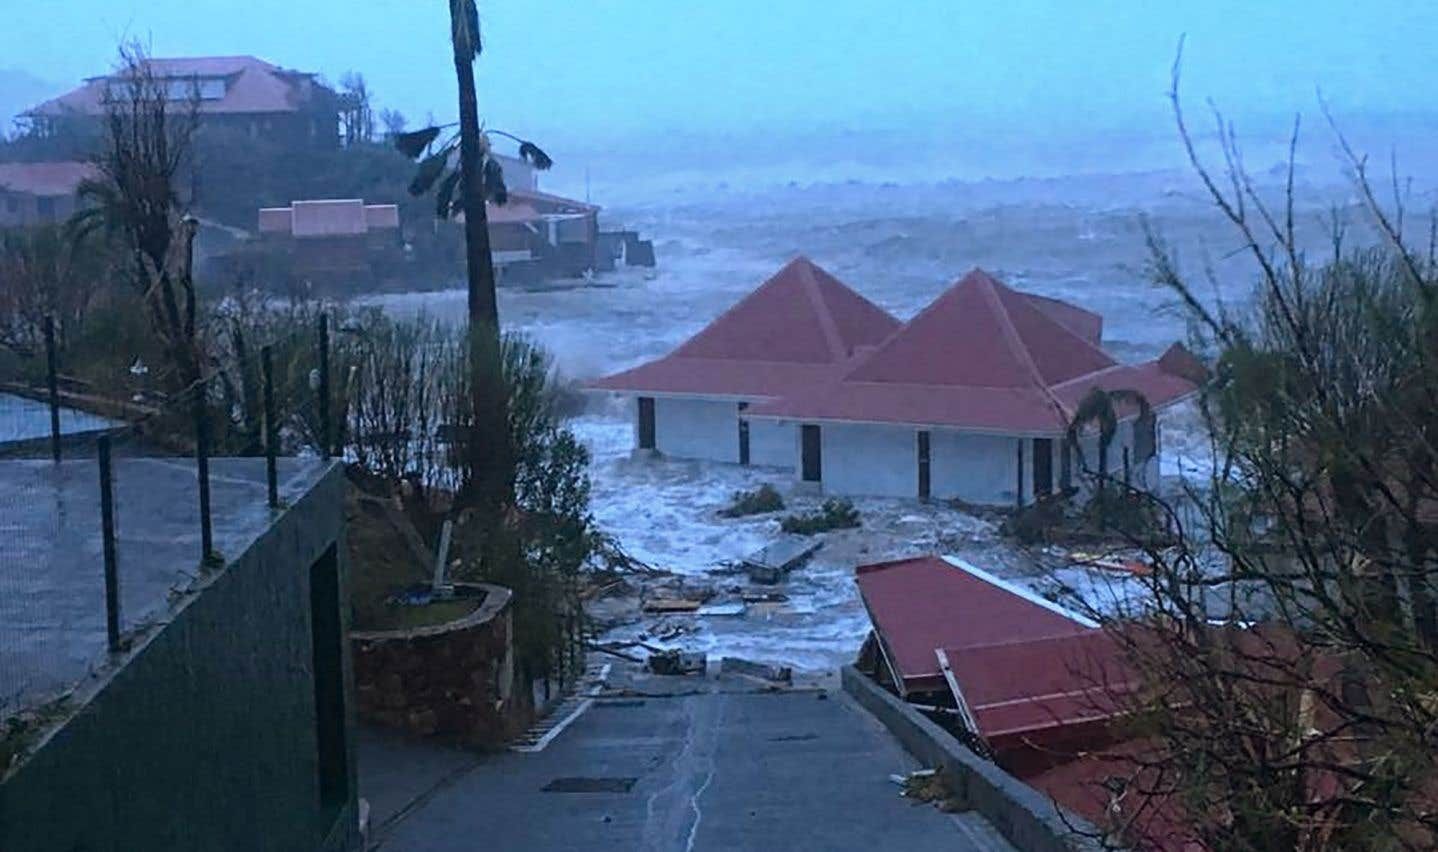 Sur l'île de Saint-Barthélemy, Irma a arraché des toits, rompu le réseau d'électricité et causé d'importantes inondations le long des côtes.